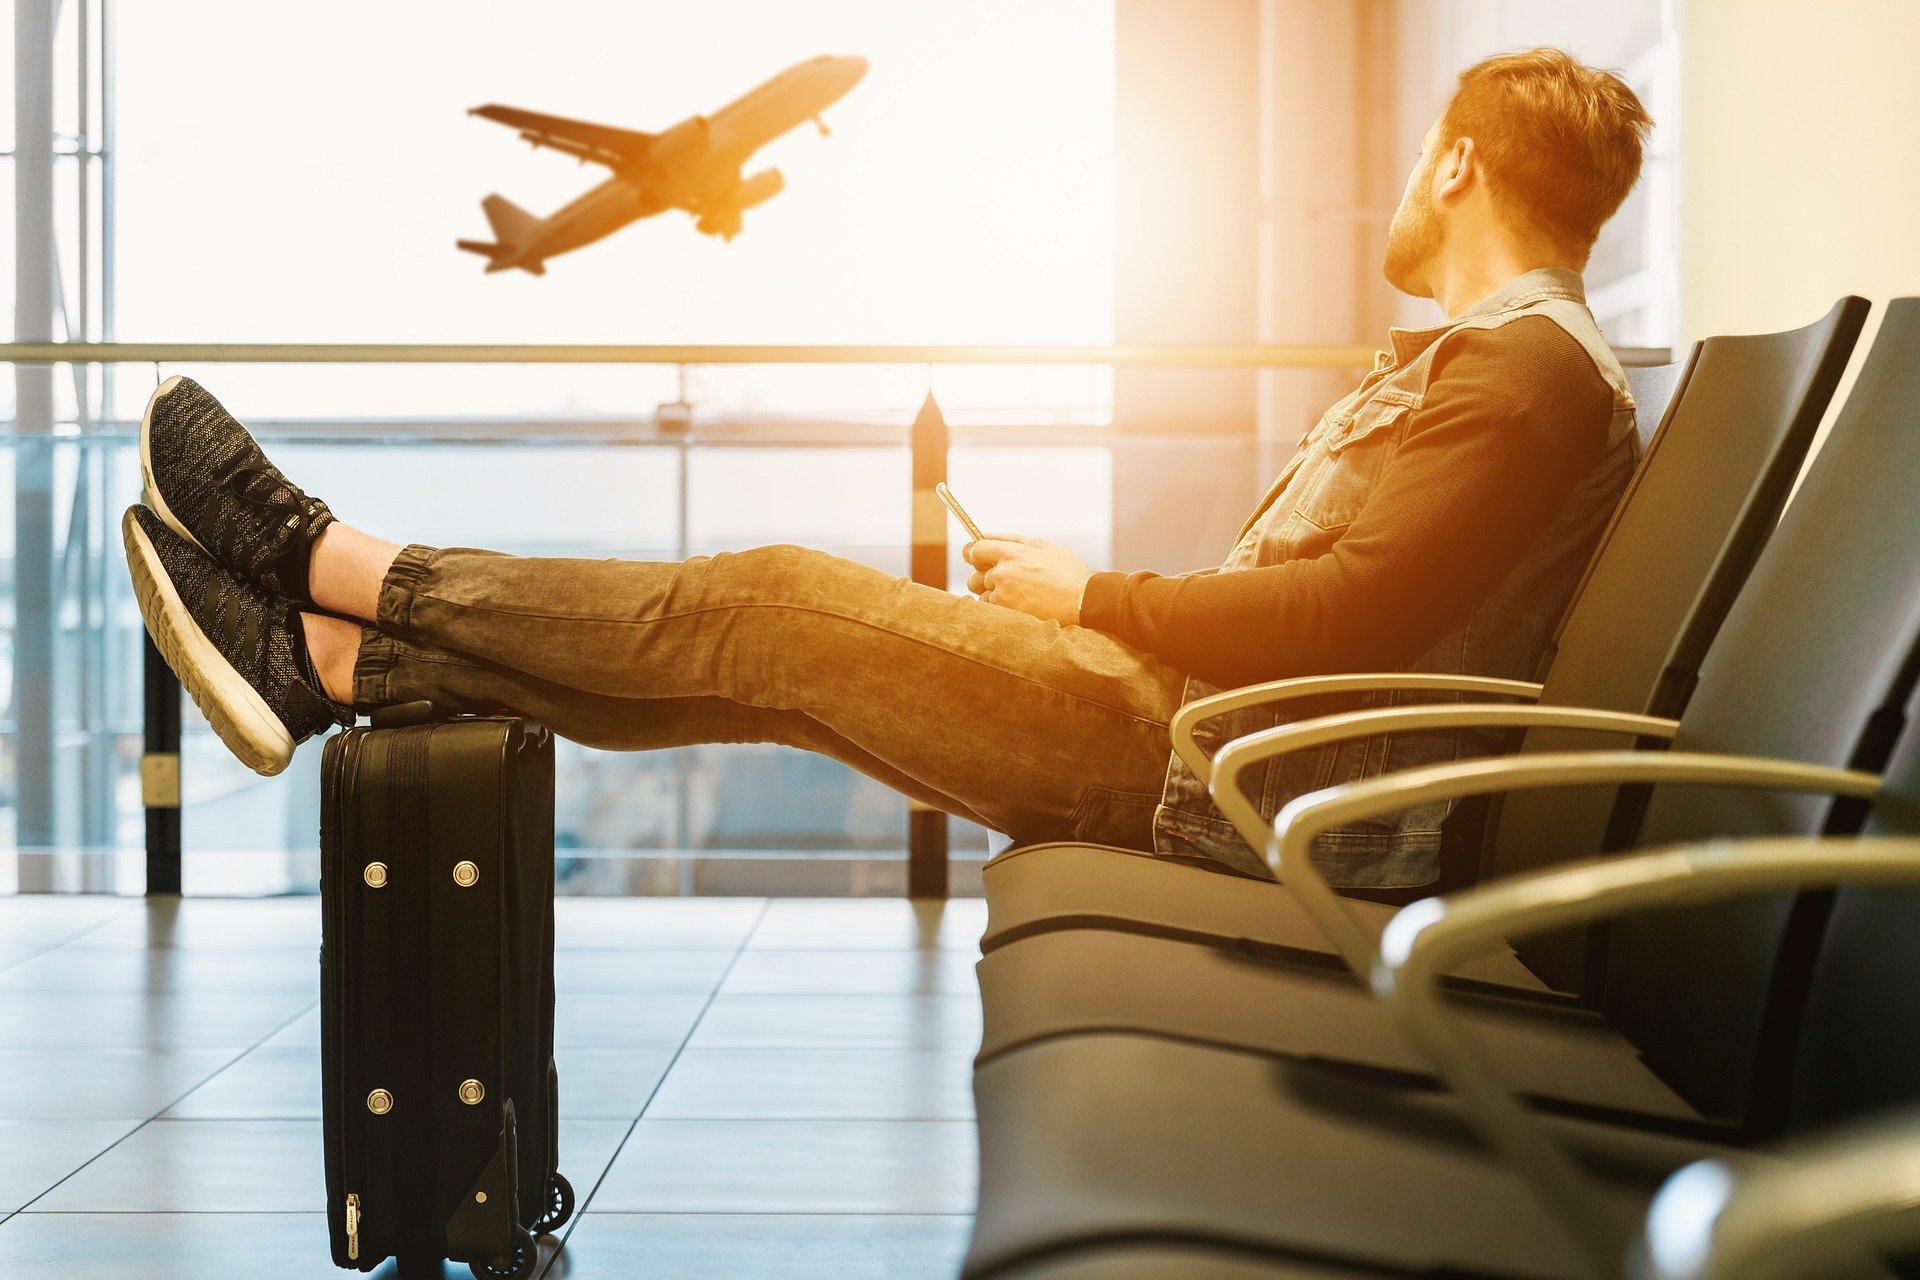 Homme attendant son vol dans un aéroport, les pieds sur sa valise cabine